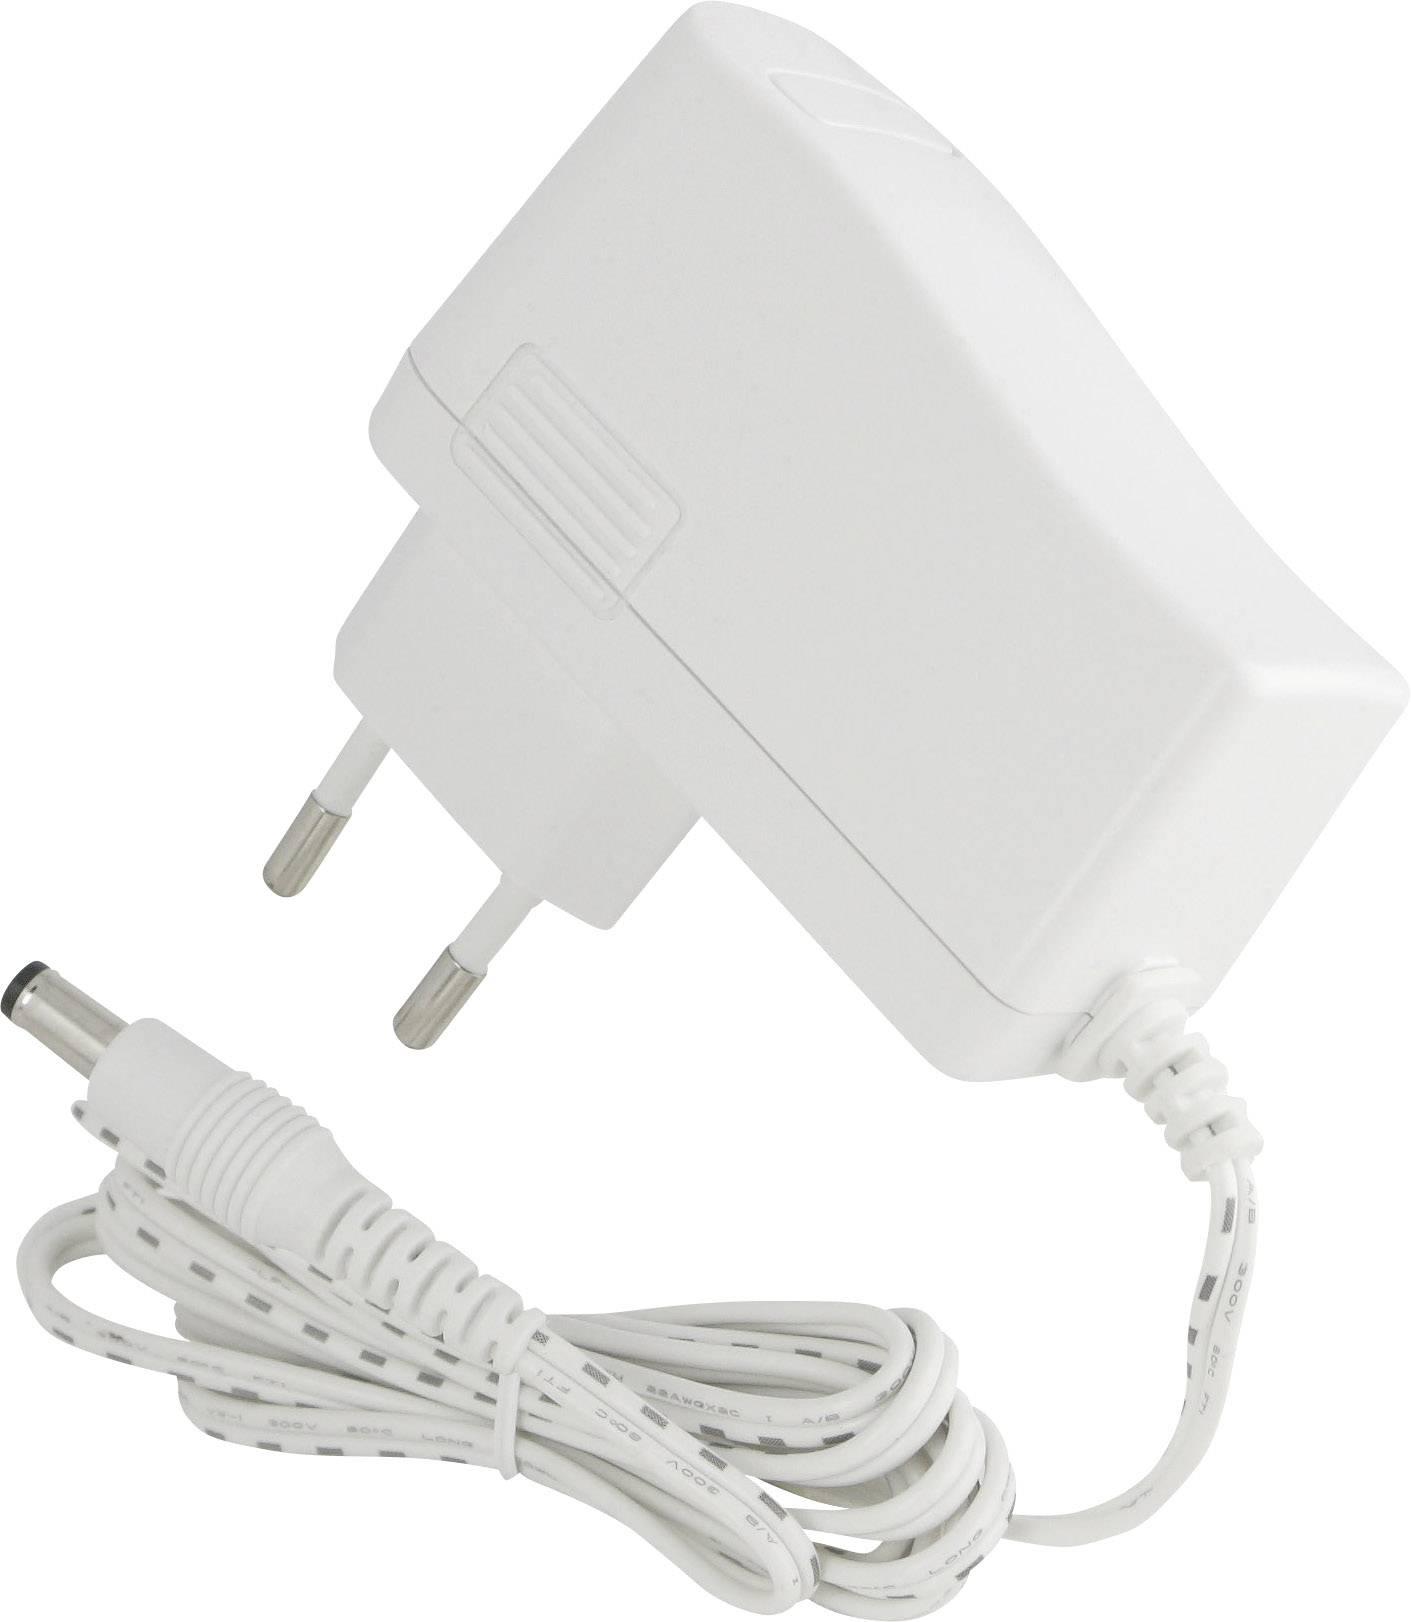 Napájecí zdroj pro LED HN Power LED18EU, 18 W (max), 0 - 0.75 A, 24 V/DC